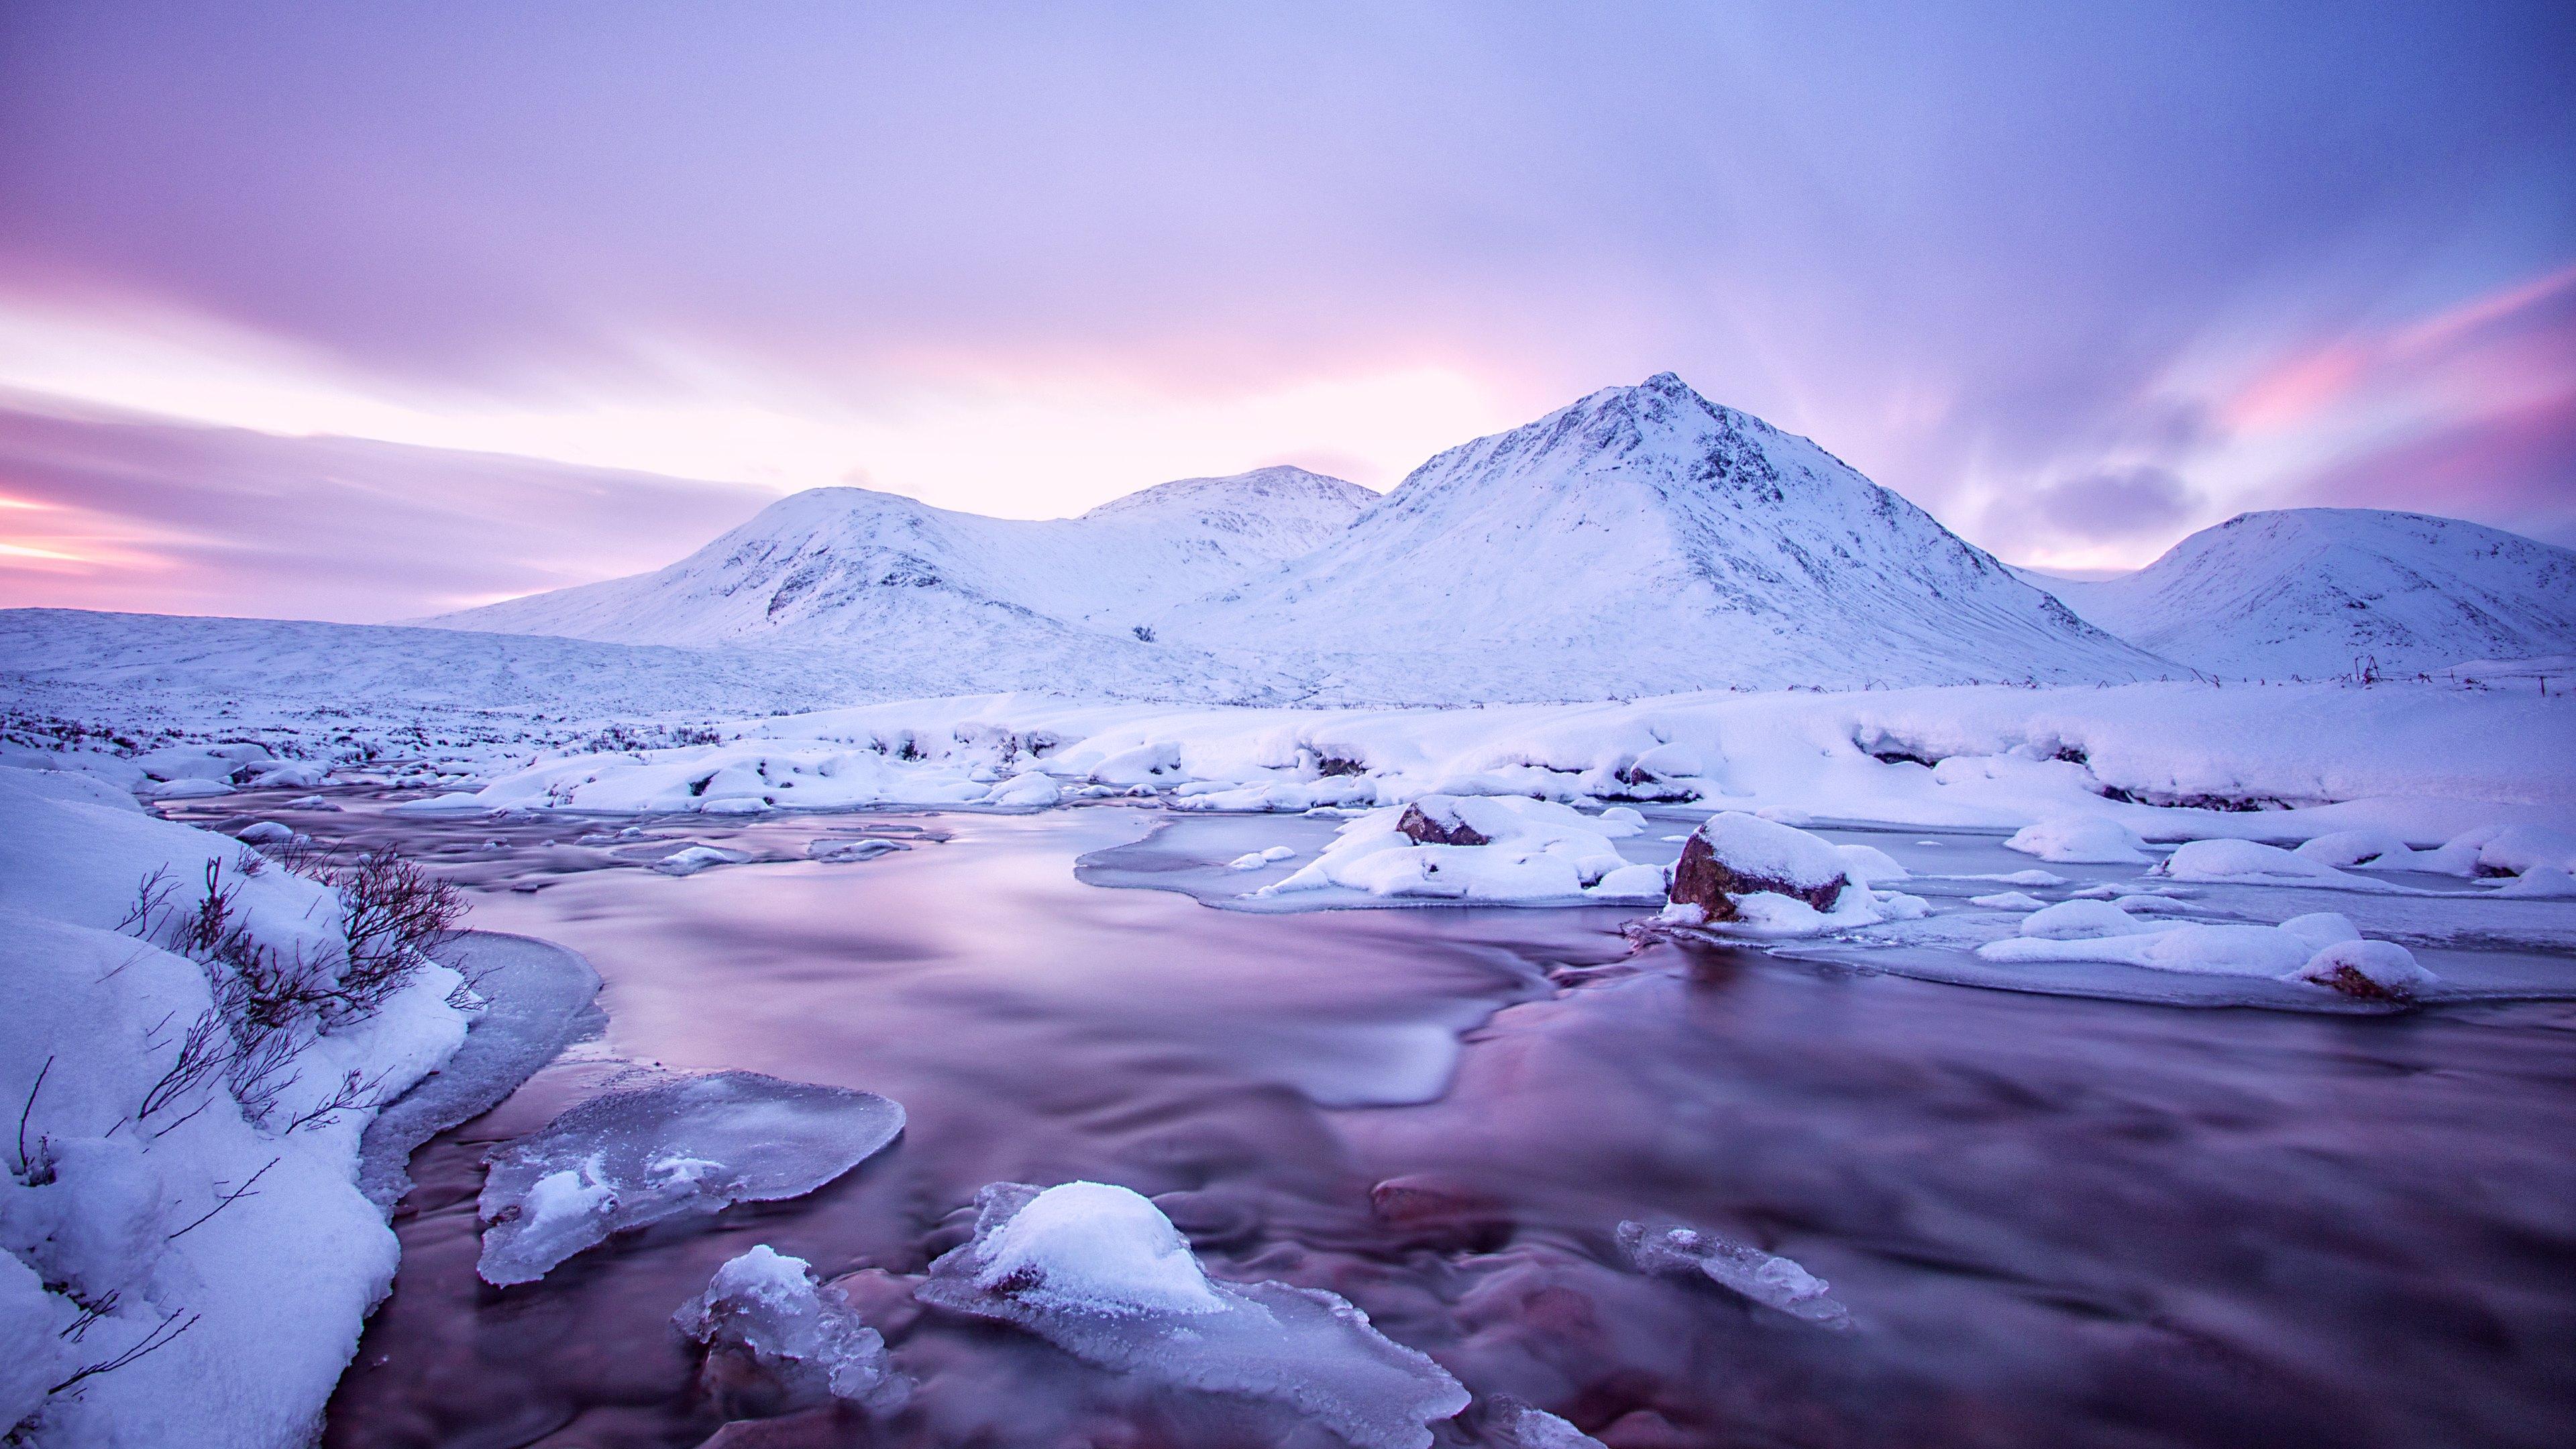 surreal winter landscape 4k 1540130996 - Surreal Winter Landscape 4k - winter wallpapers, snow wallpapers, nature wallpapers, landscape wallpapers